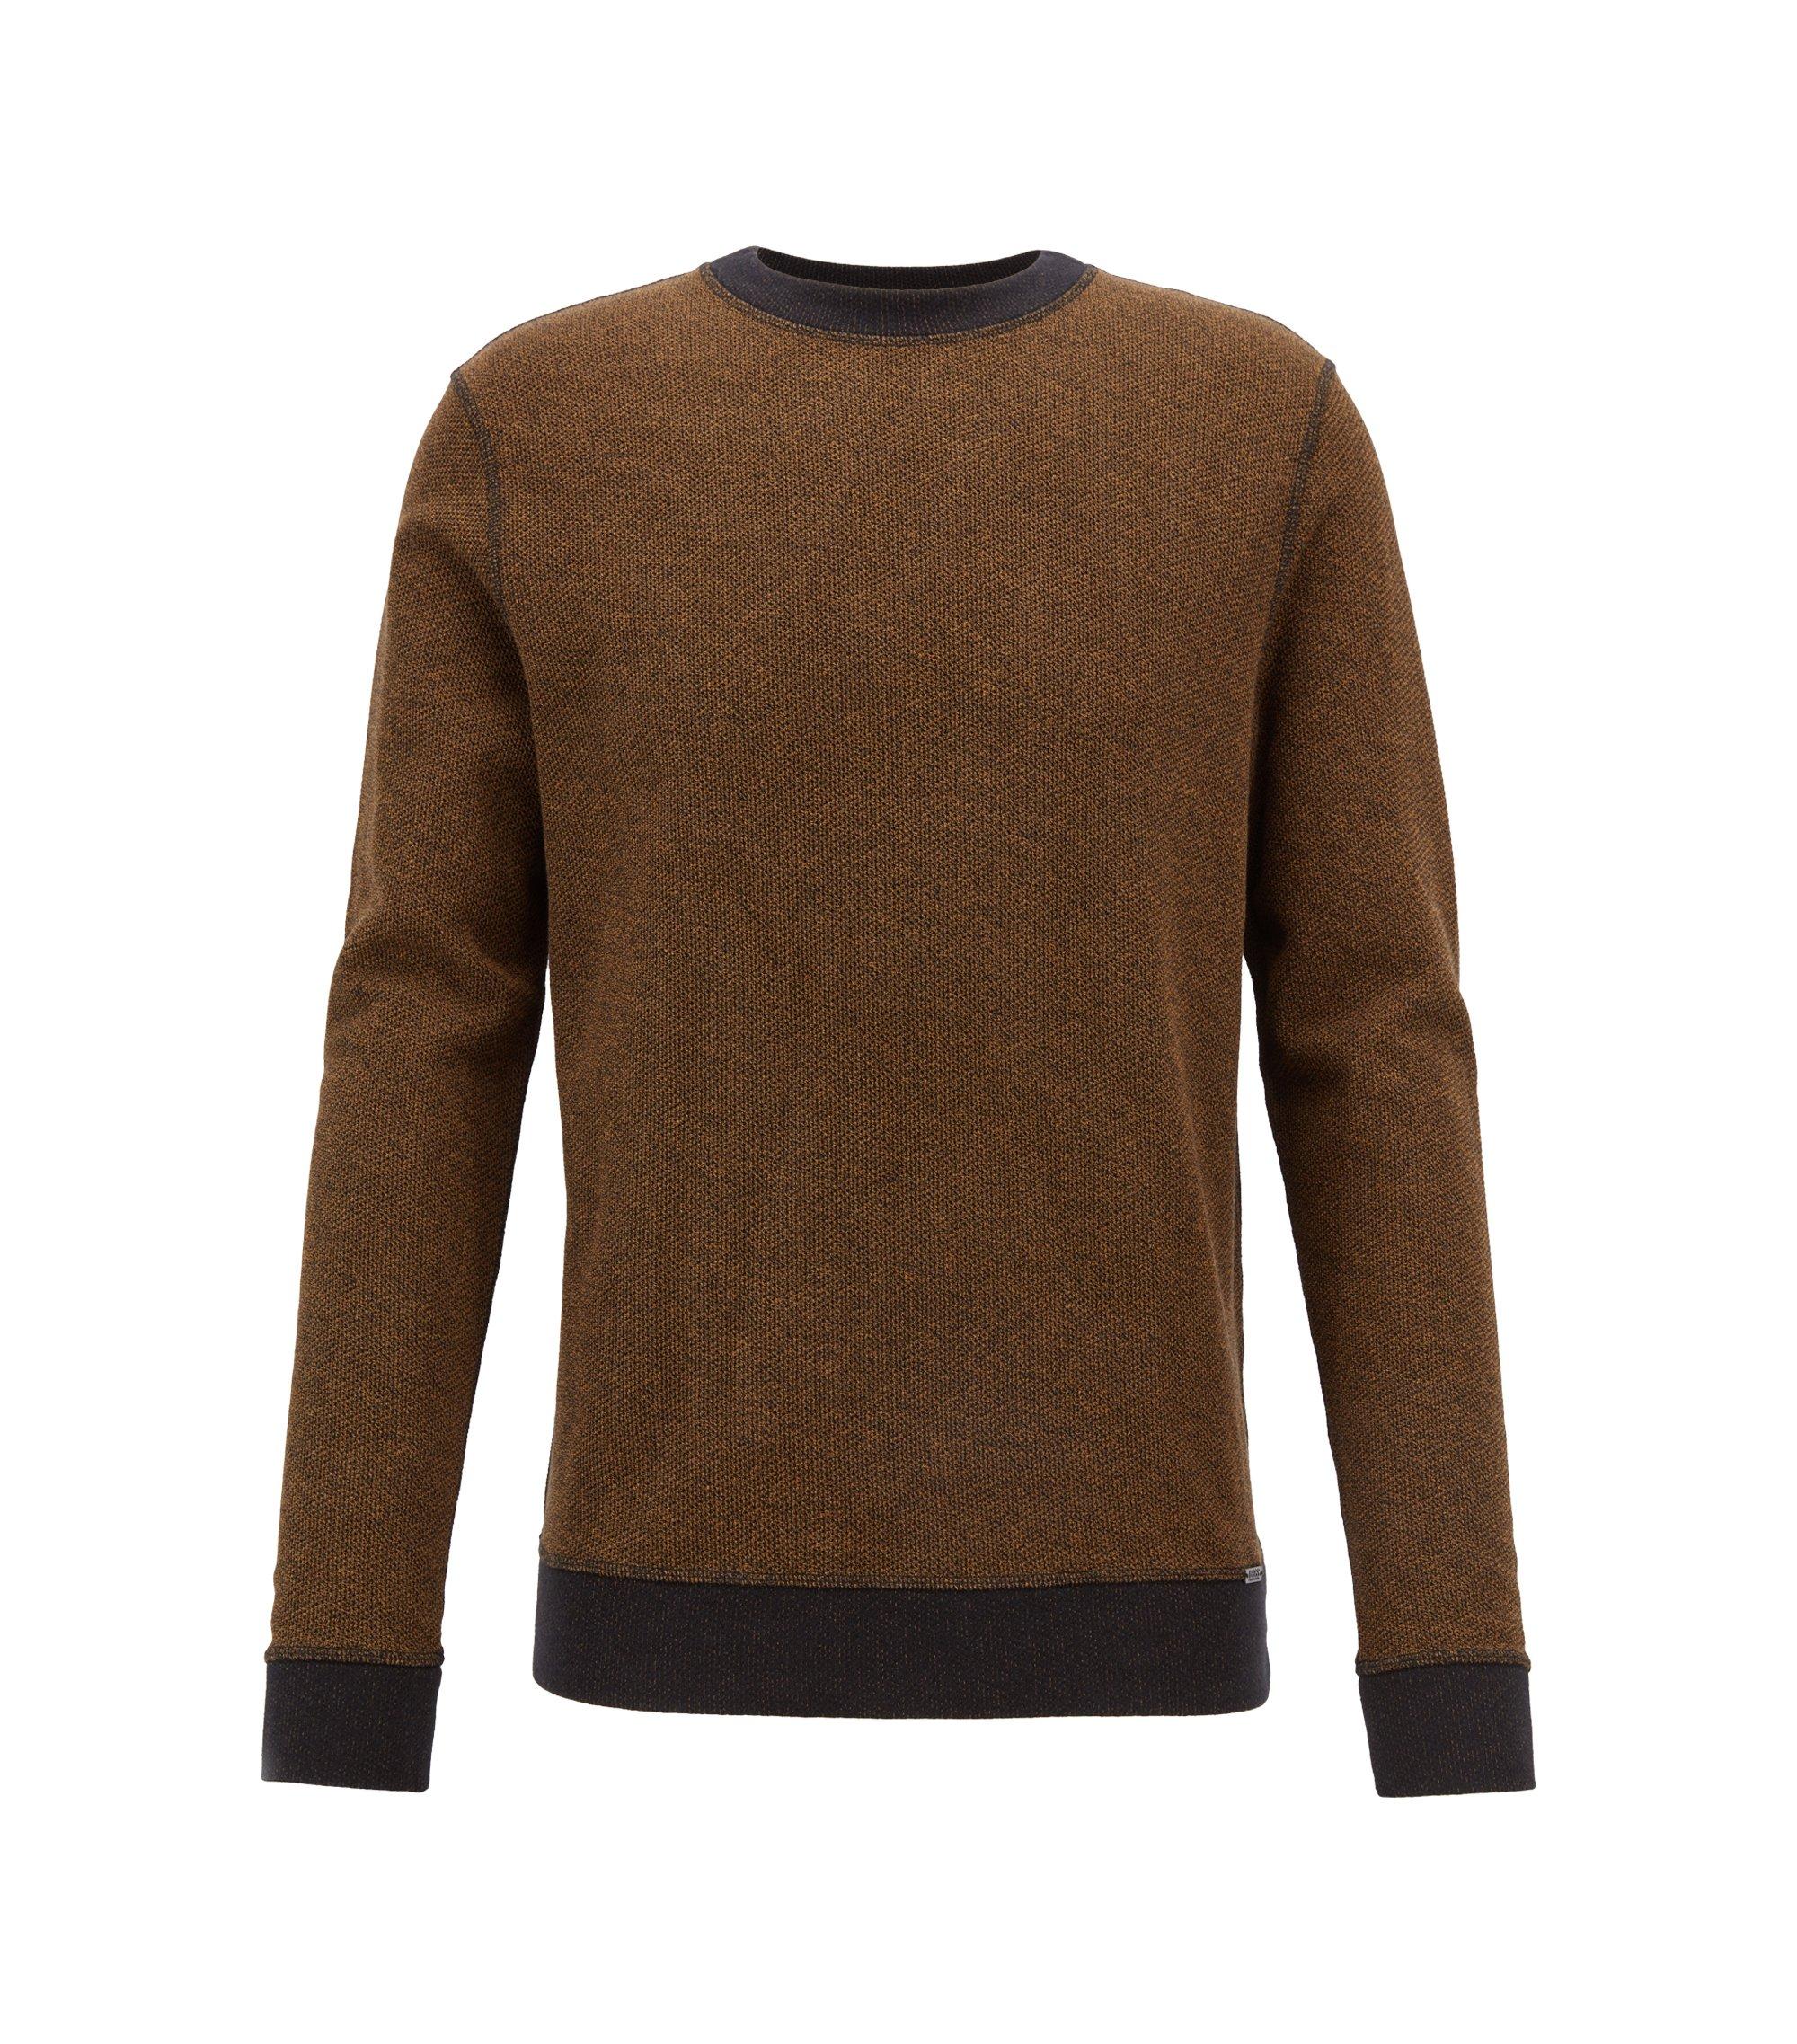 Wendbares Sweatshirt aus Baumwolle mit Mesh-Struktur und Kontrast-Details, Braun